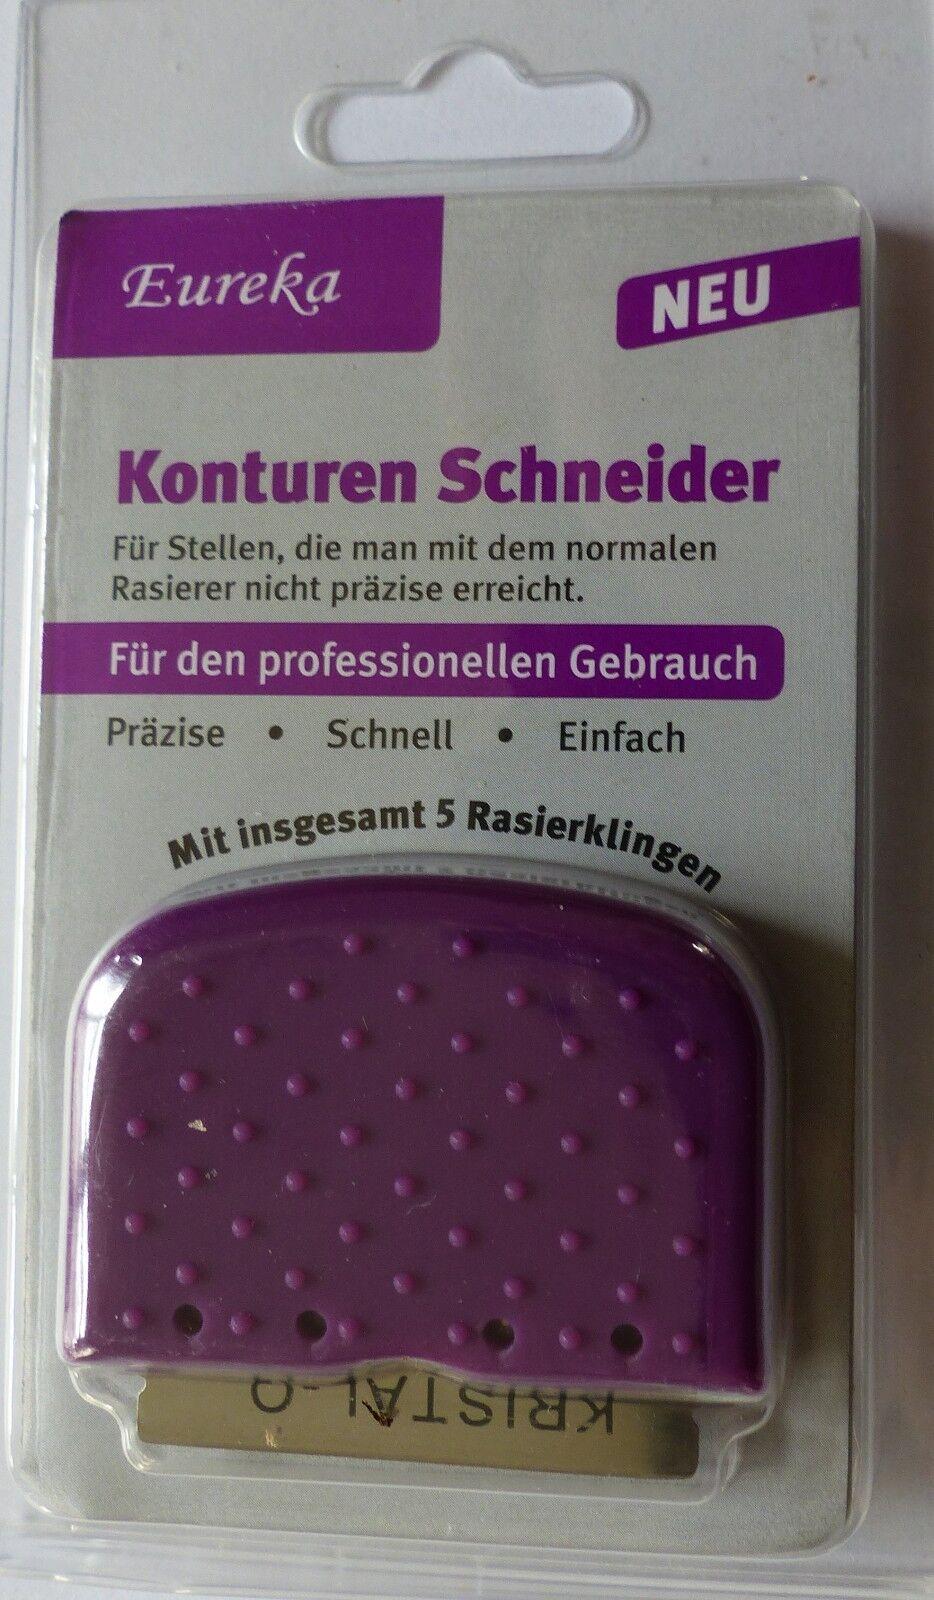 Eureka Konturen Schneider aus Silikon - Posten 125 Stück